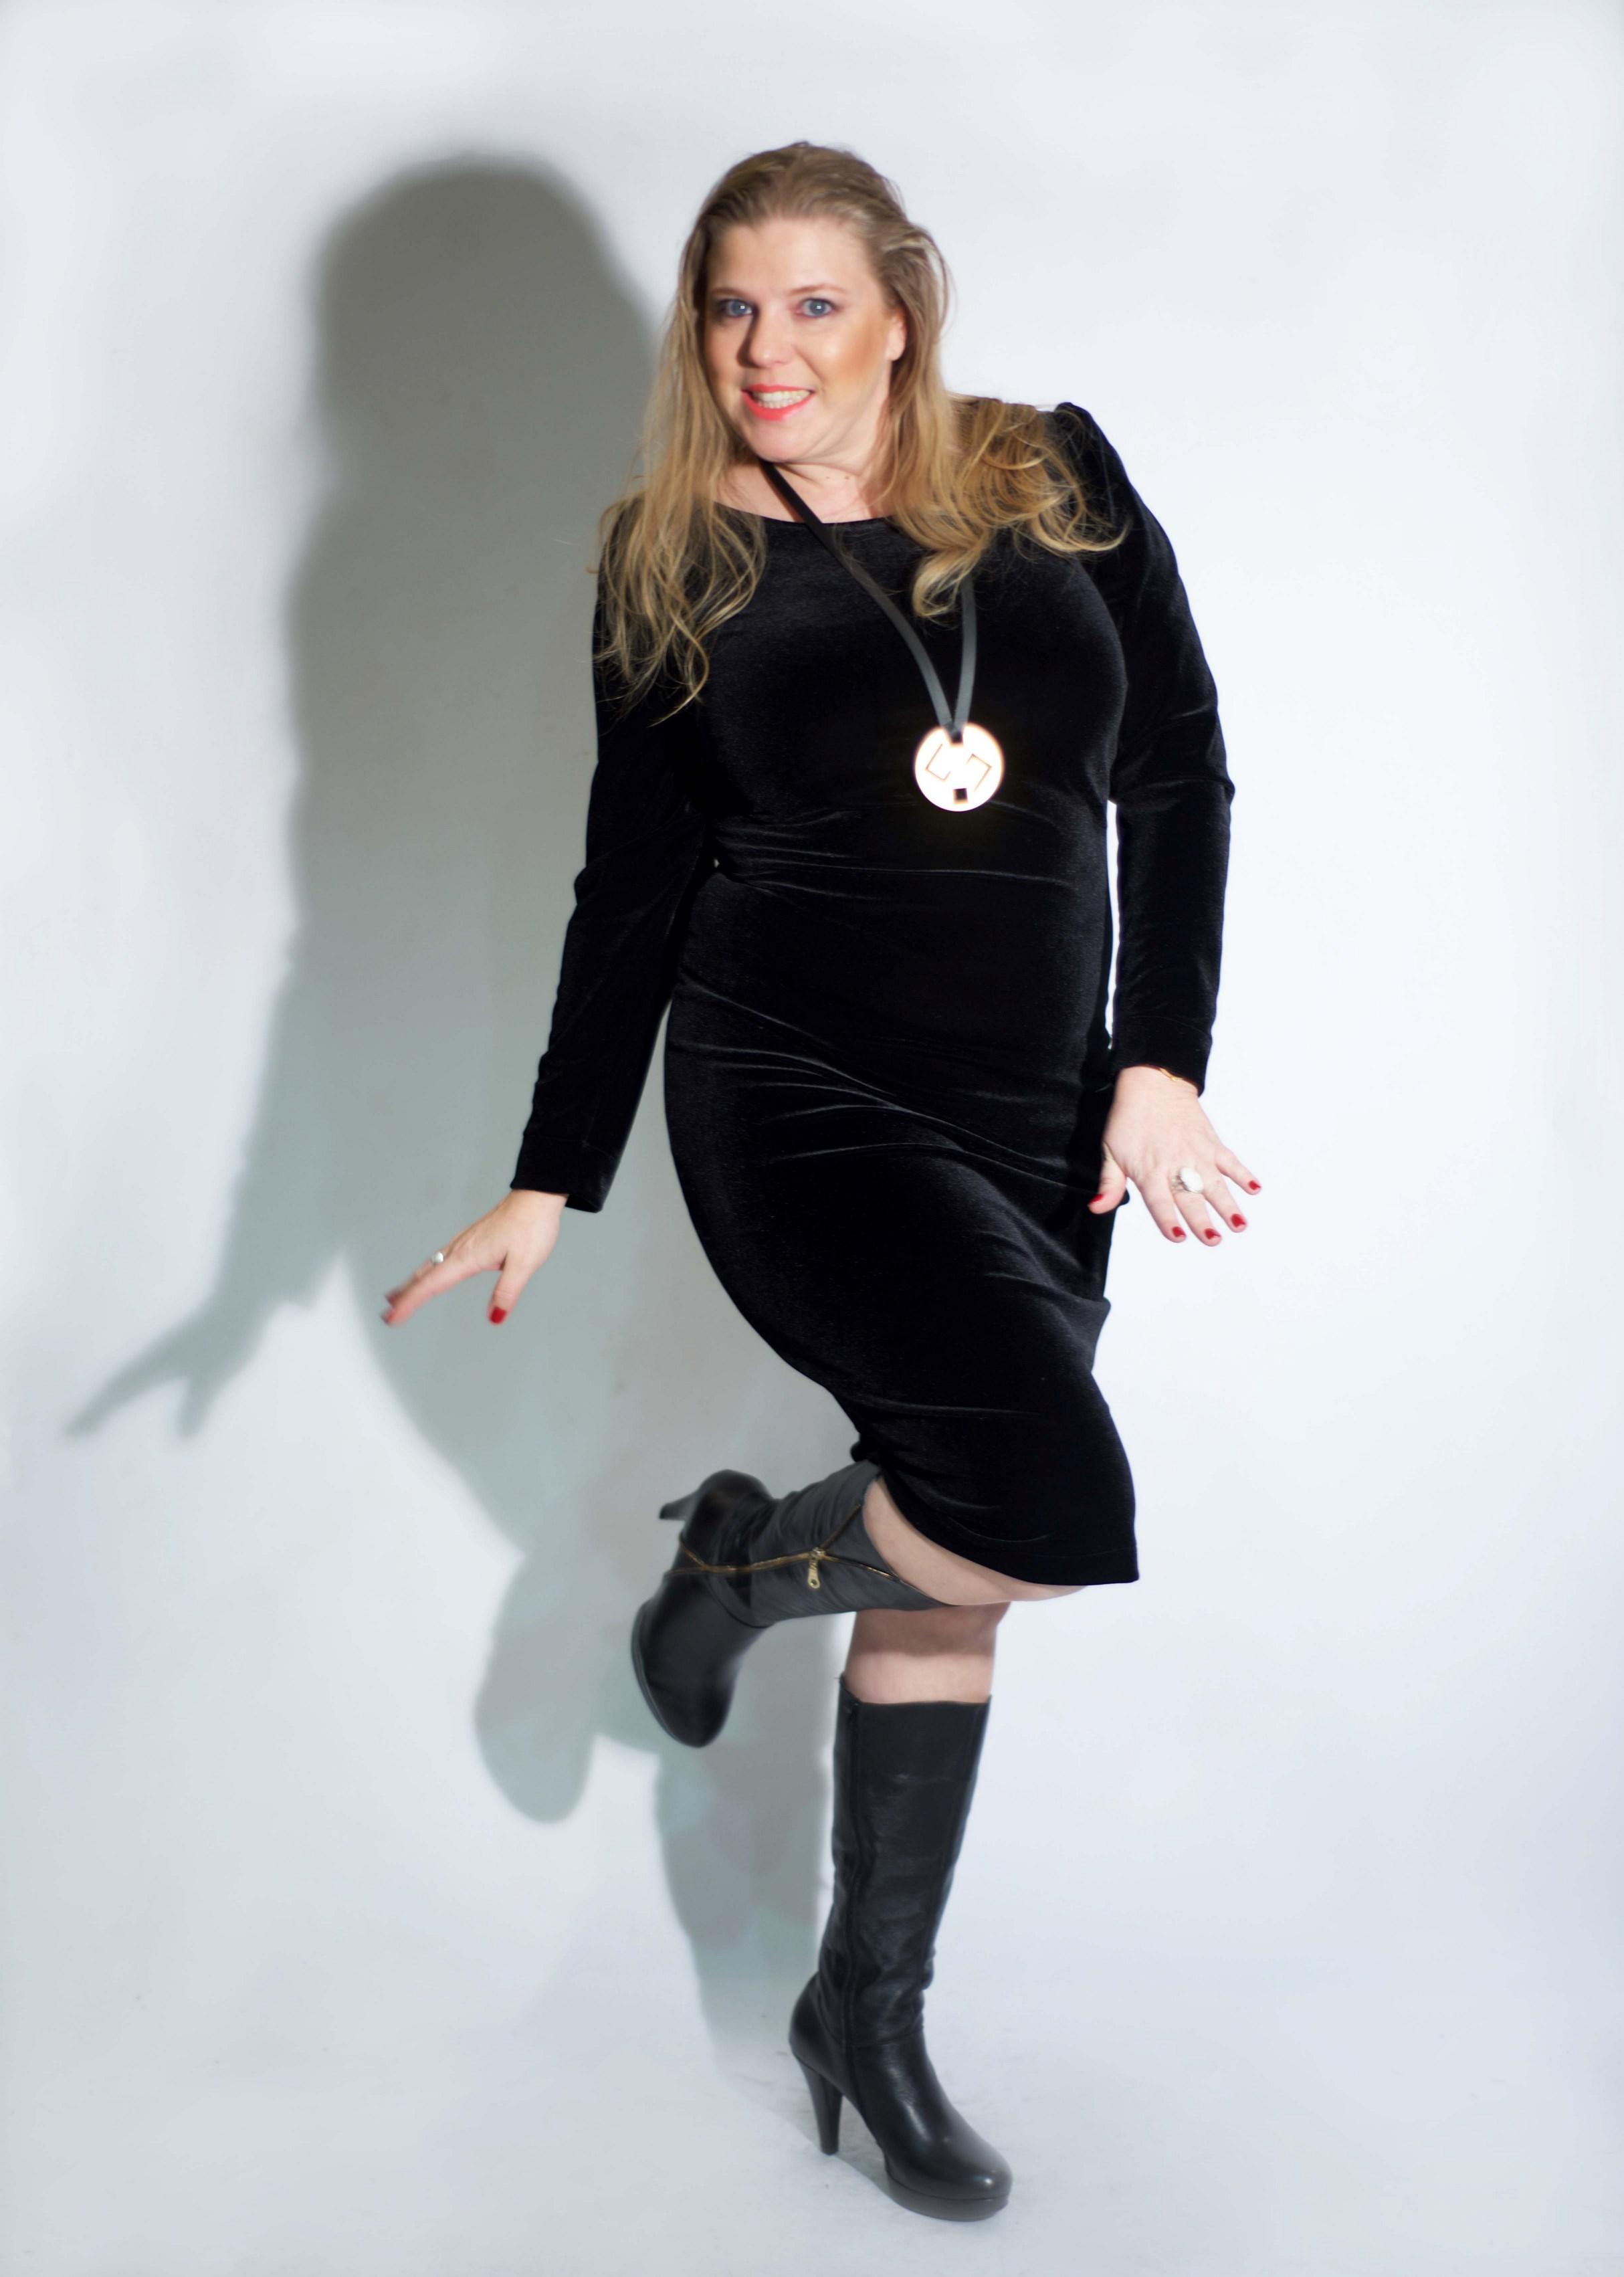 איה לאופר מדגמנת שמלה של המעצבת טלי אימבר.  במכירה הגדולה רק 299 שח. בית טפר תל גיבורים 5 תא צילום מאיה שוהם (Copy).jpg